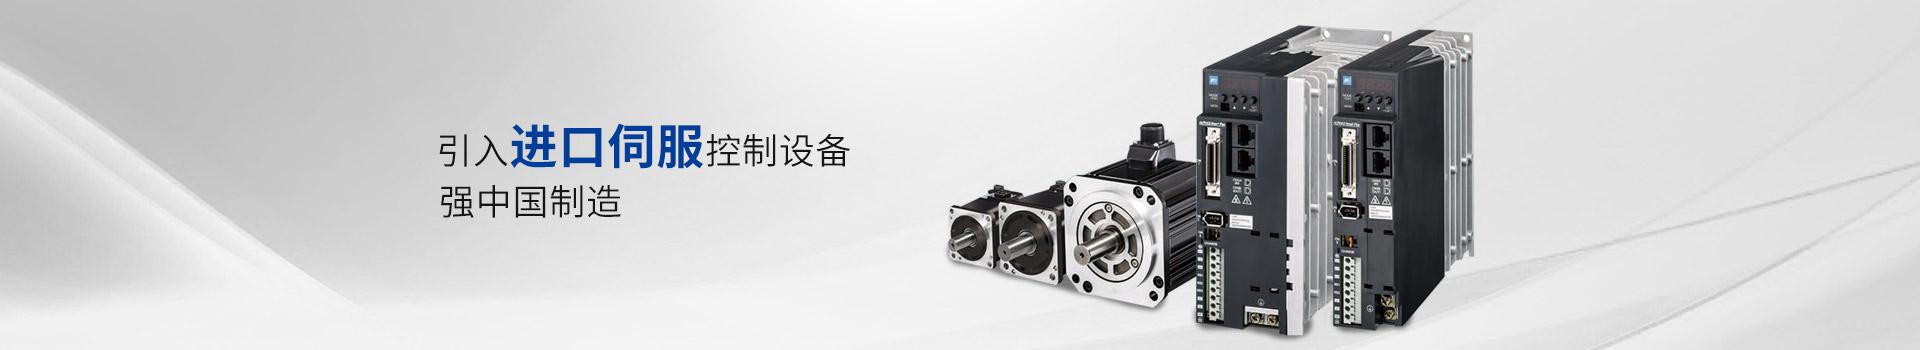 华科星电气-引入进口伺服控制设备,强中国制造